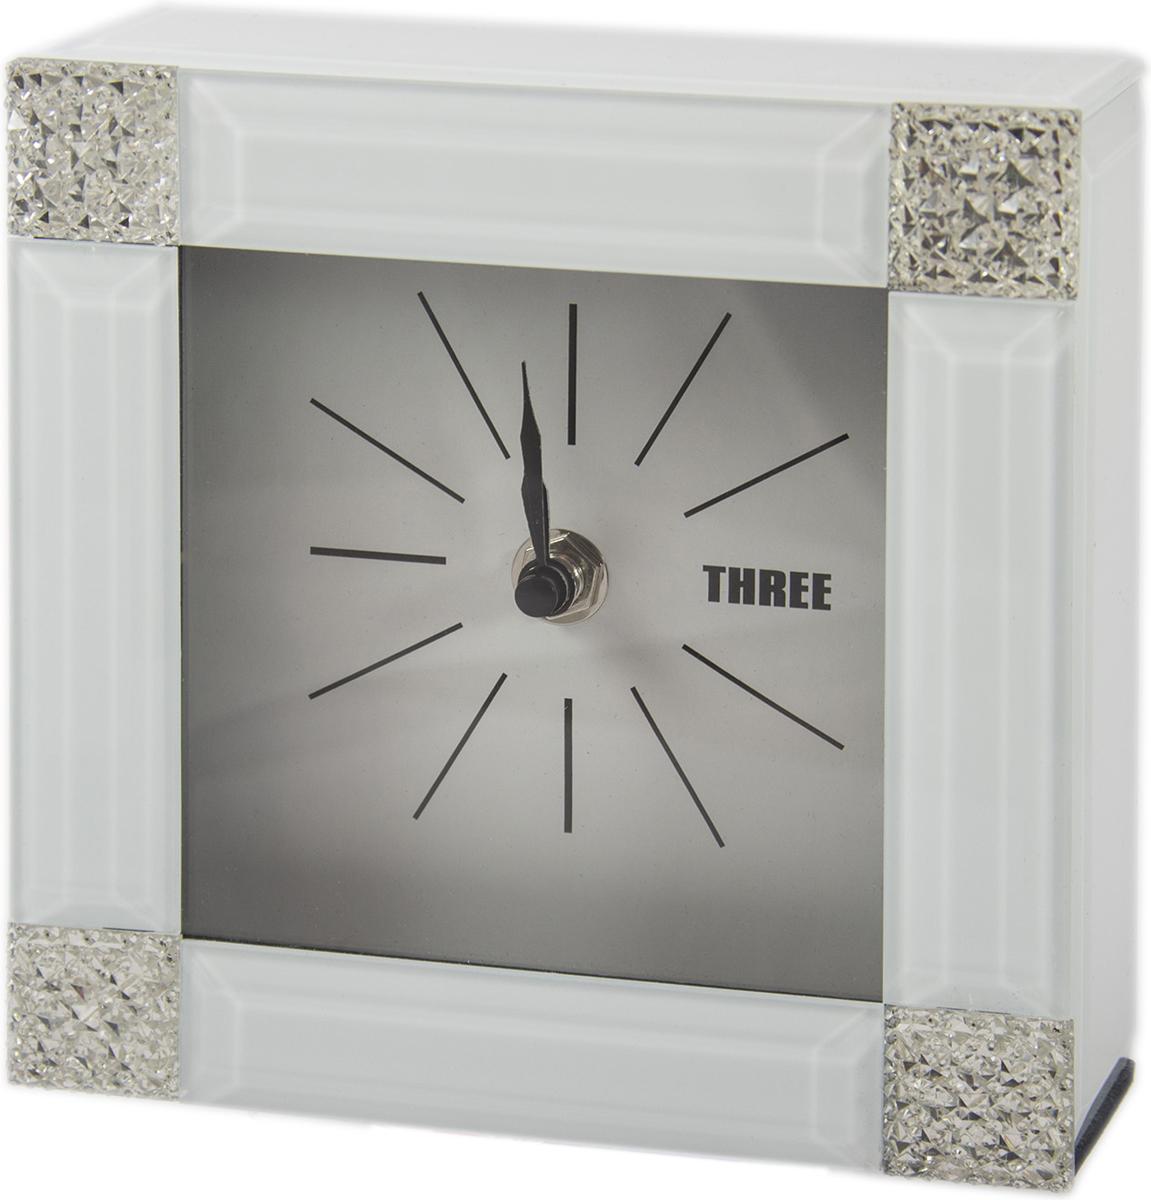 Часы настольные, цвет: белый, 15 х 15 х 5 см . 79203 ваш дом